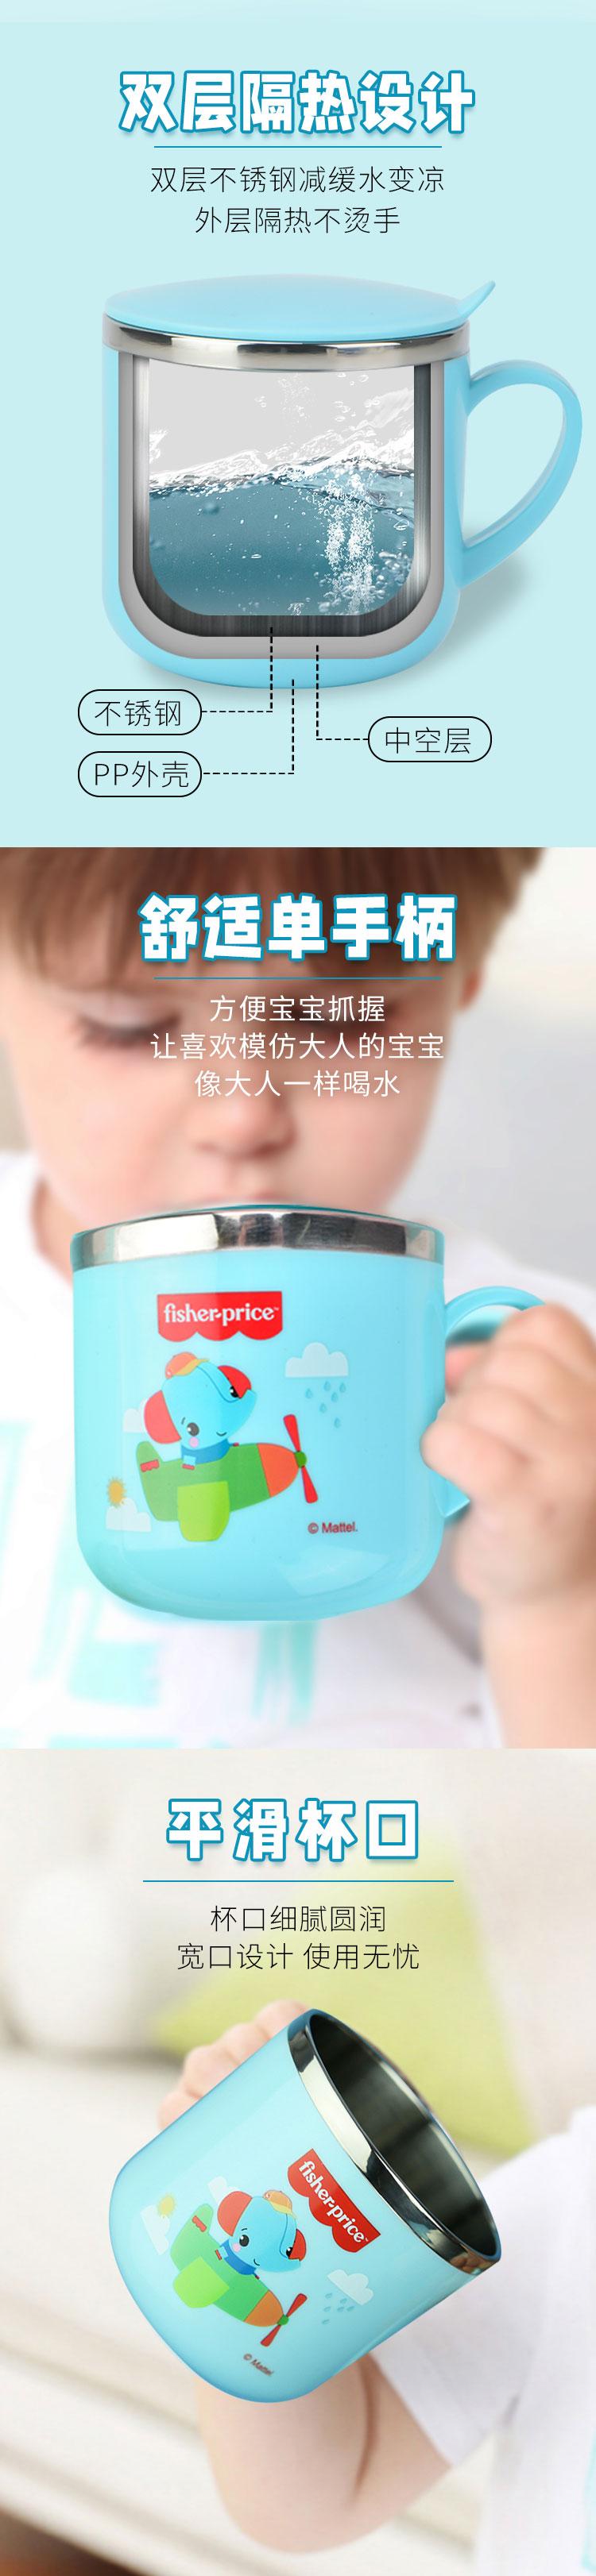 Fisher-Price美国费雪婴儿童牛奶杯 宝宝卡通不锈钢喝水喝牛奶杯子 带盖300ML 蓝